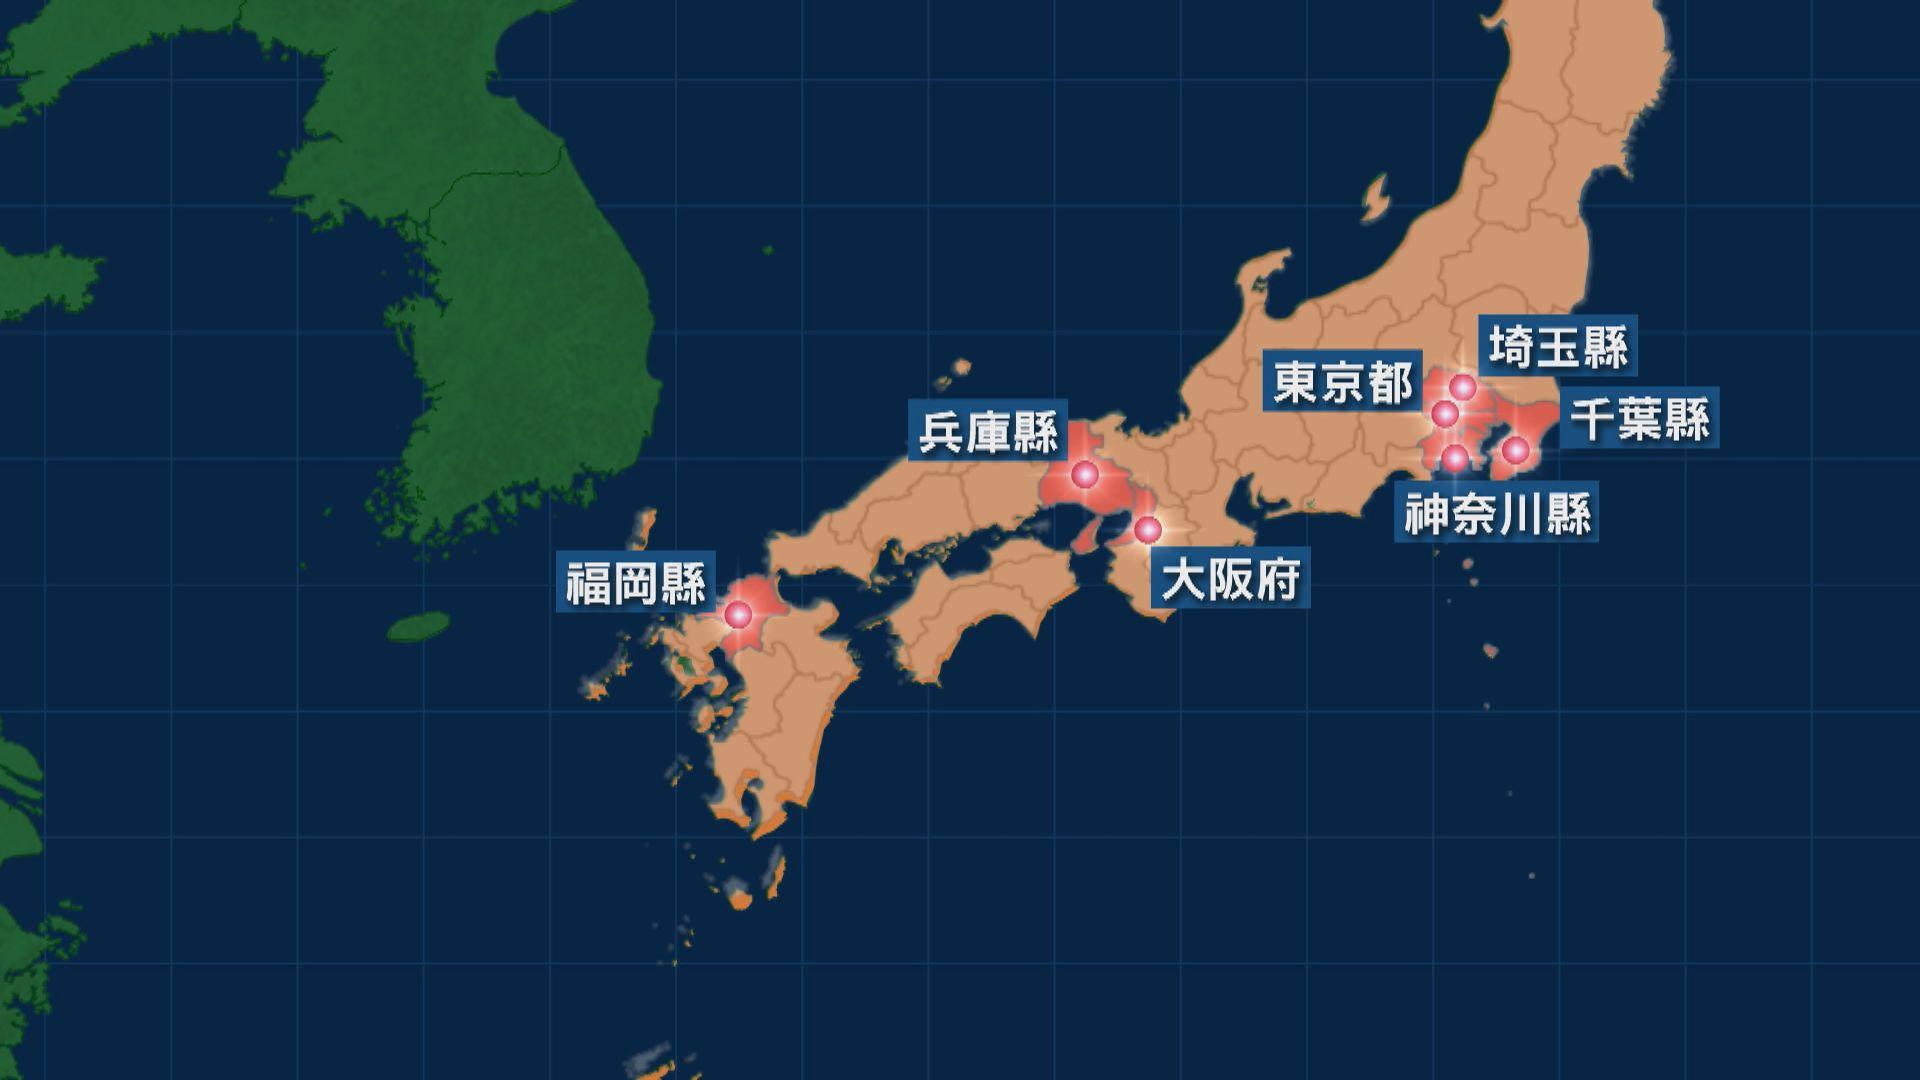 日本七個都府縣實施緊急事態令